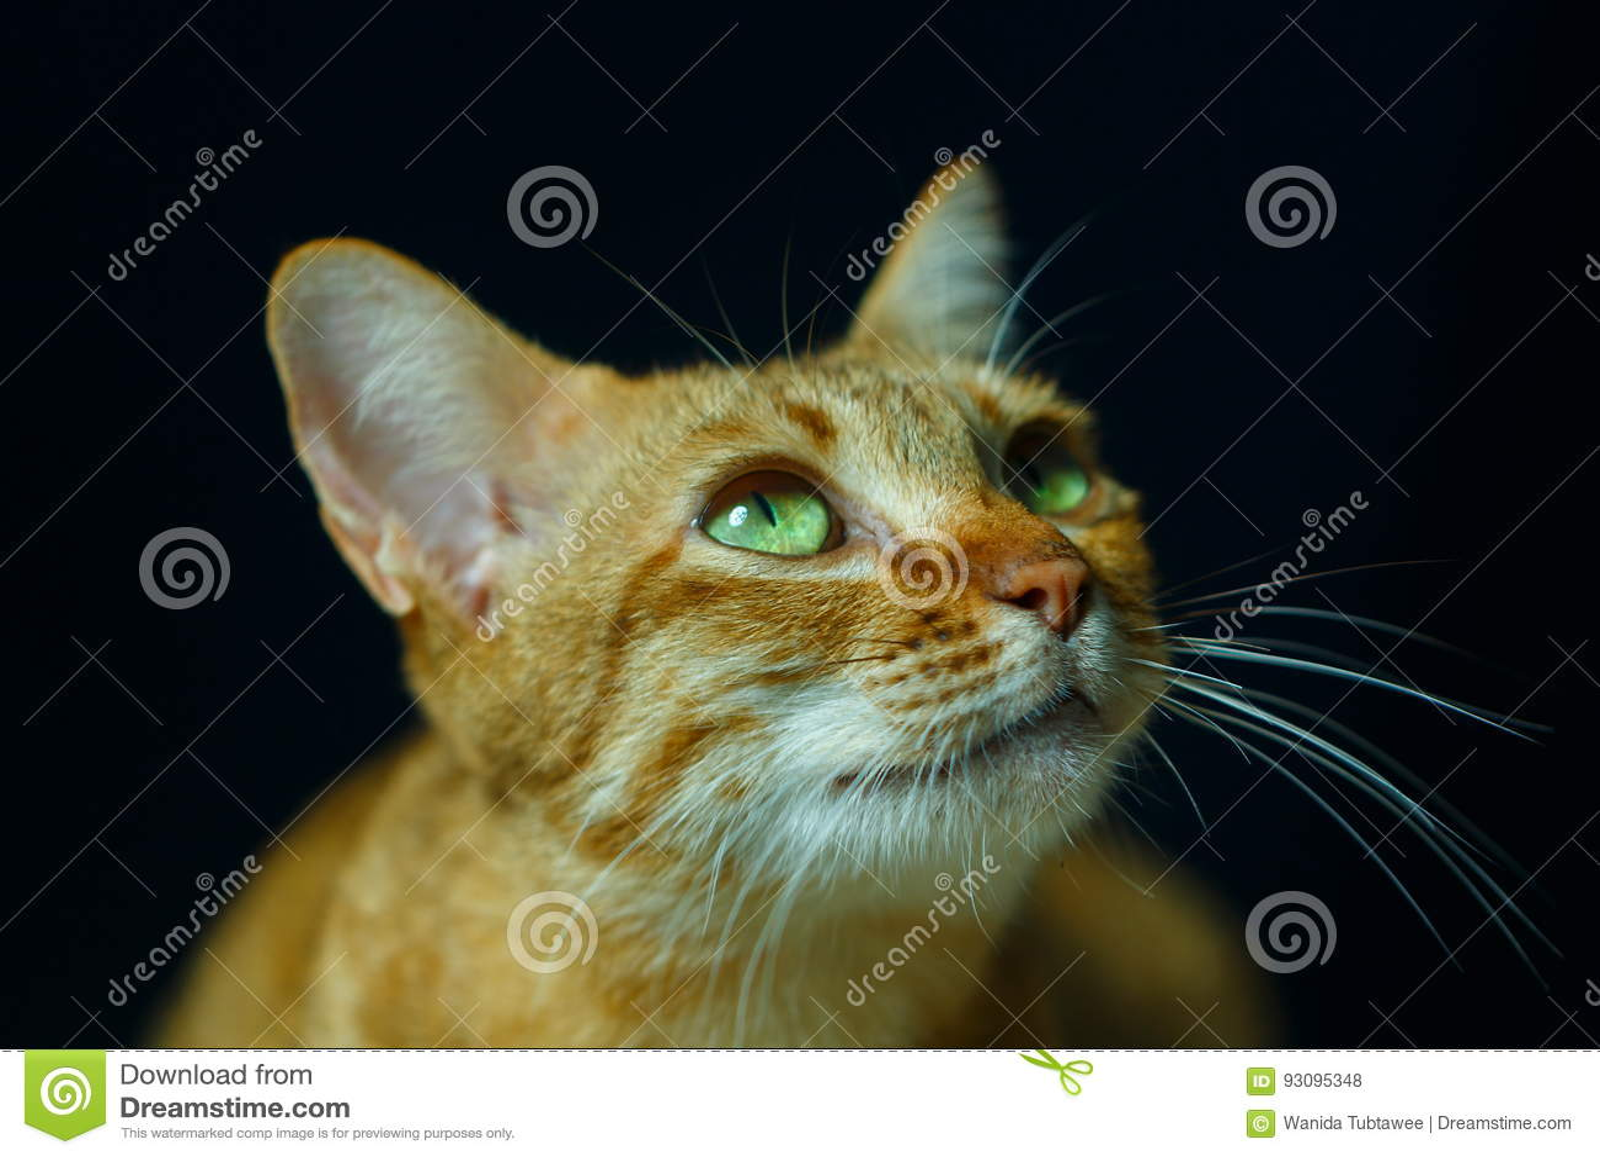 Kat, Thaise kat, nadruk op oog